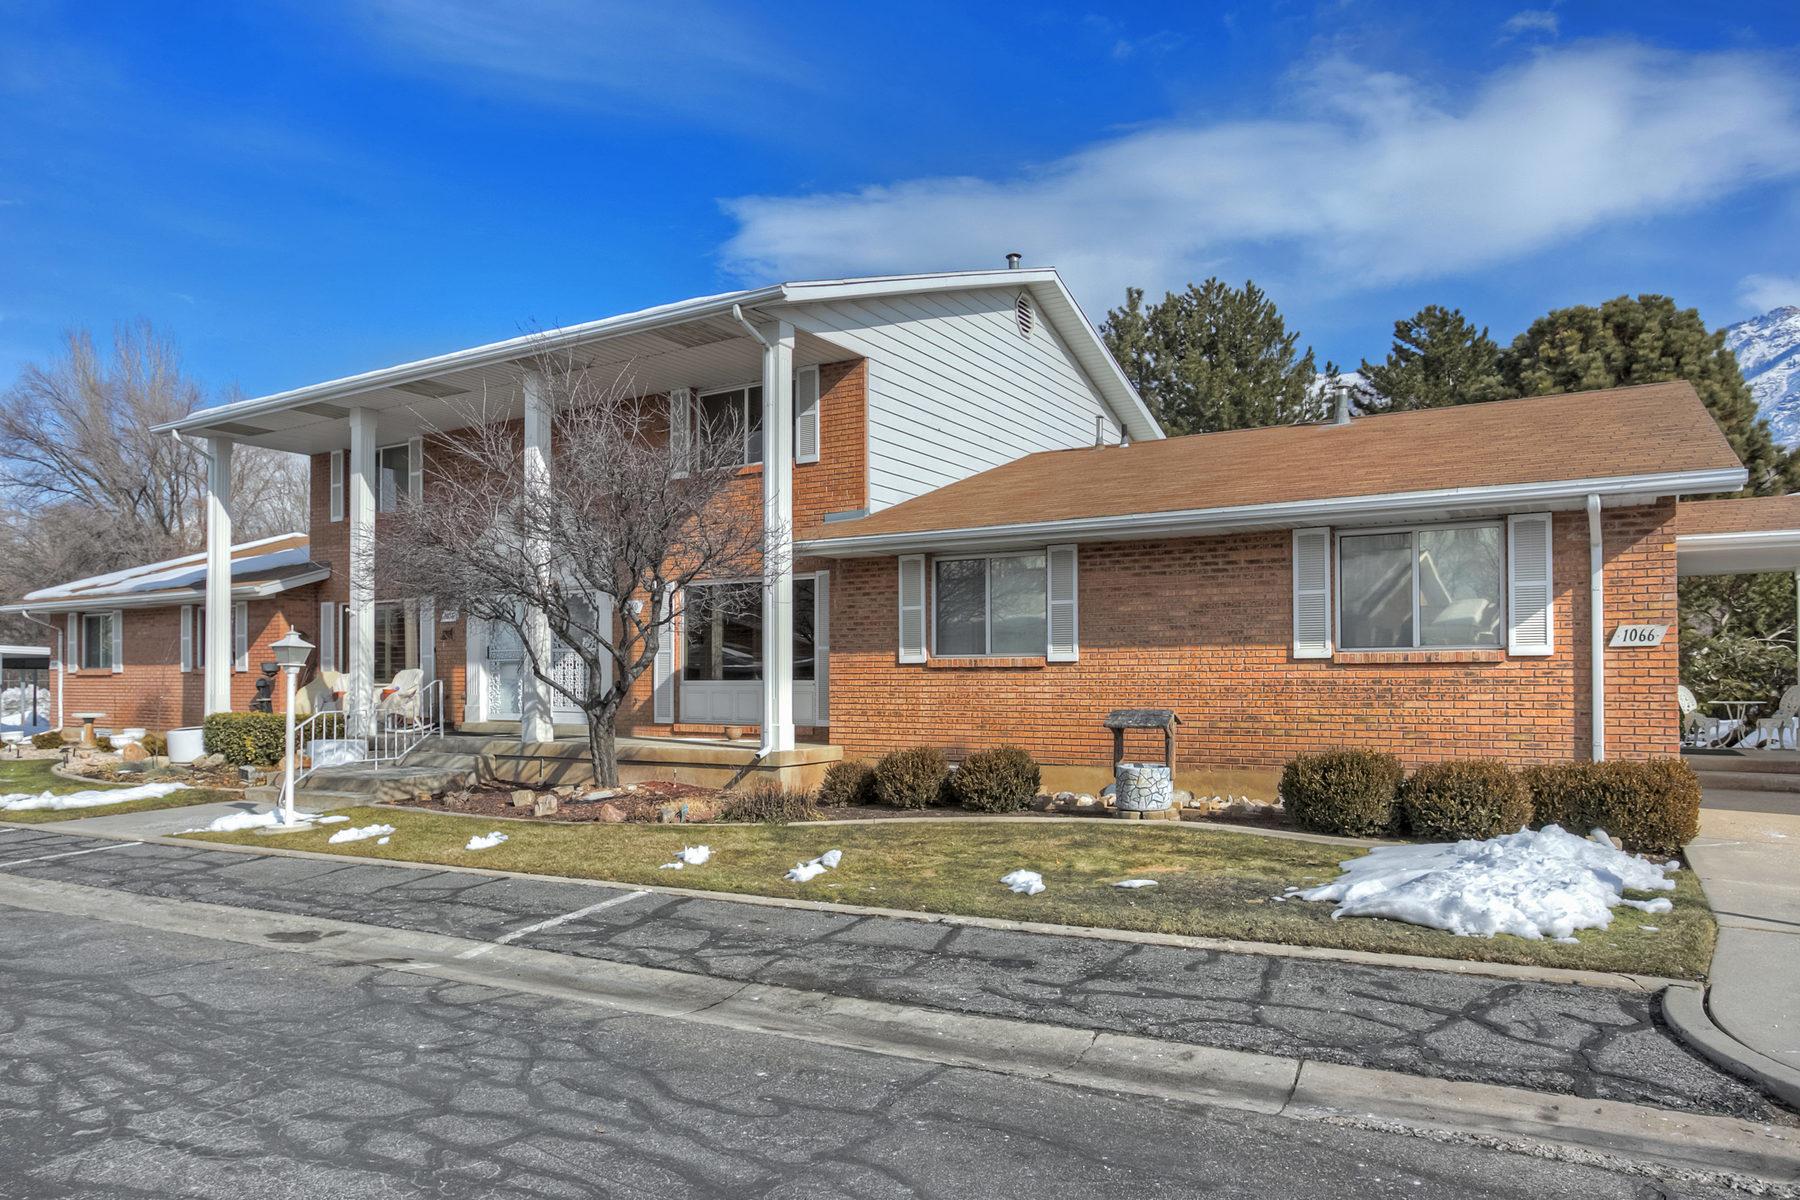 Nhà phố vì Bán tại Gorgeous Canyon Park Townhouse 1060 South 885 East Ogden, Utah 84404 Hoa Kỳ